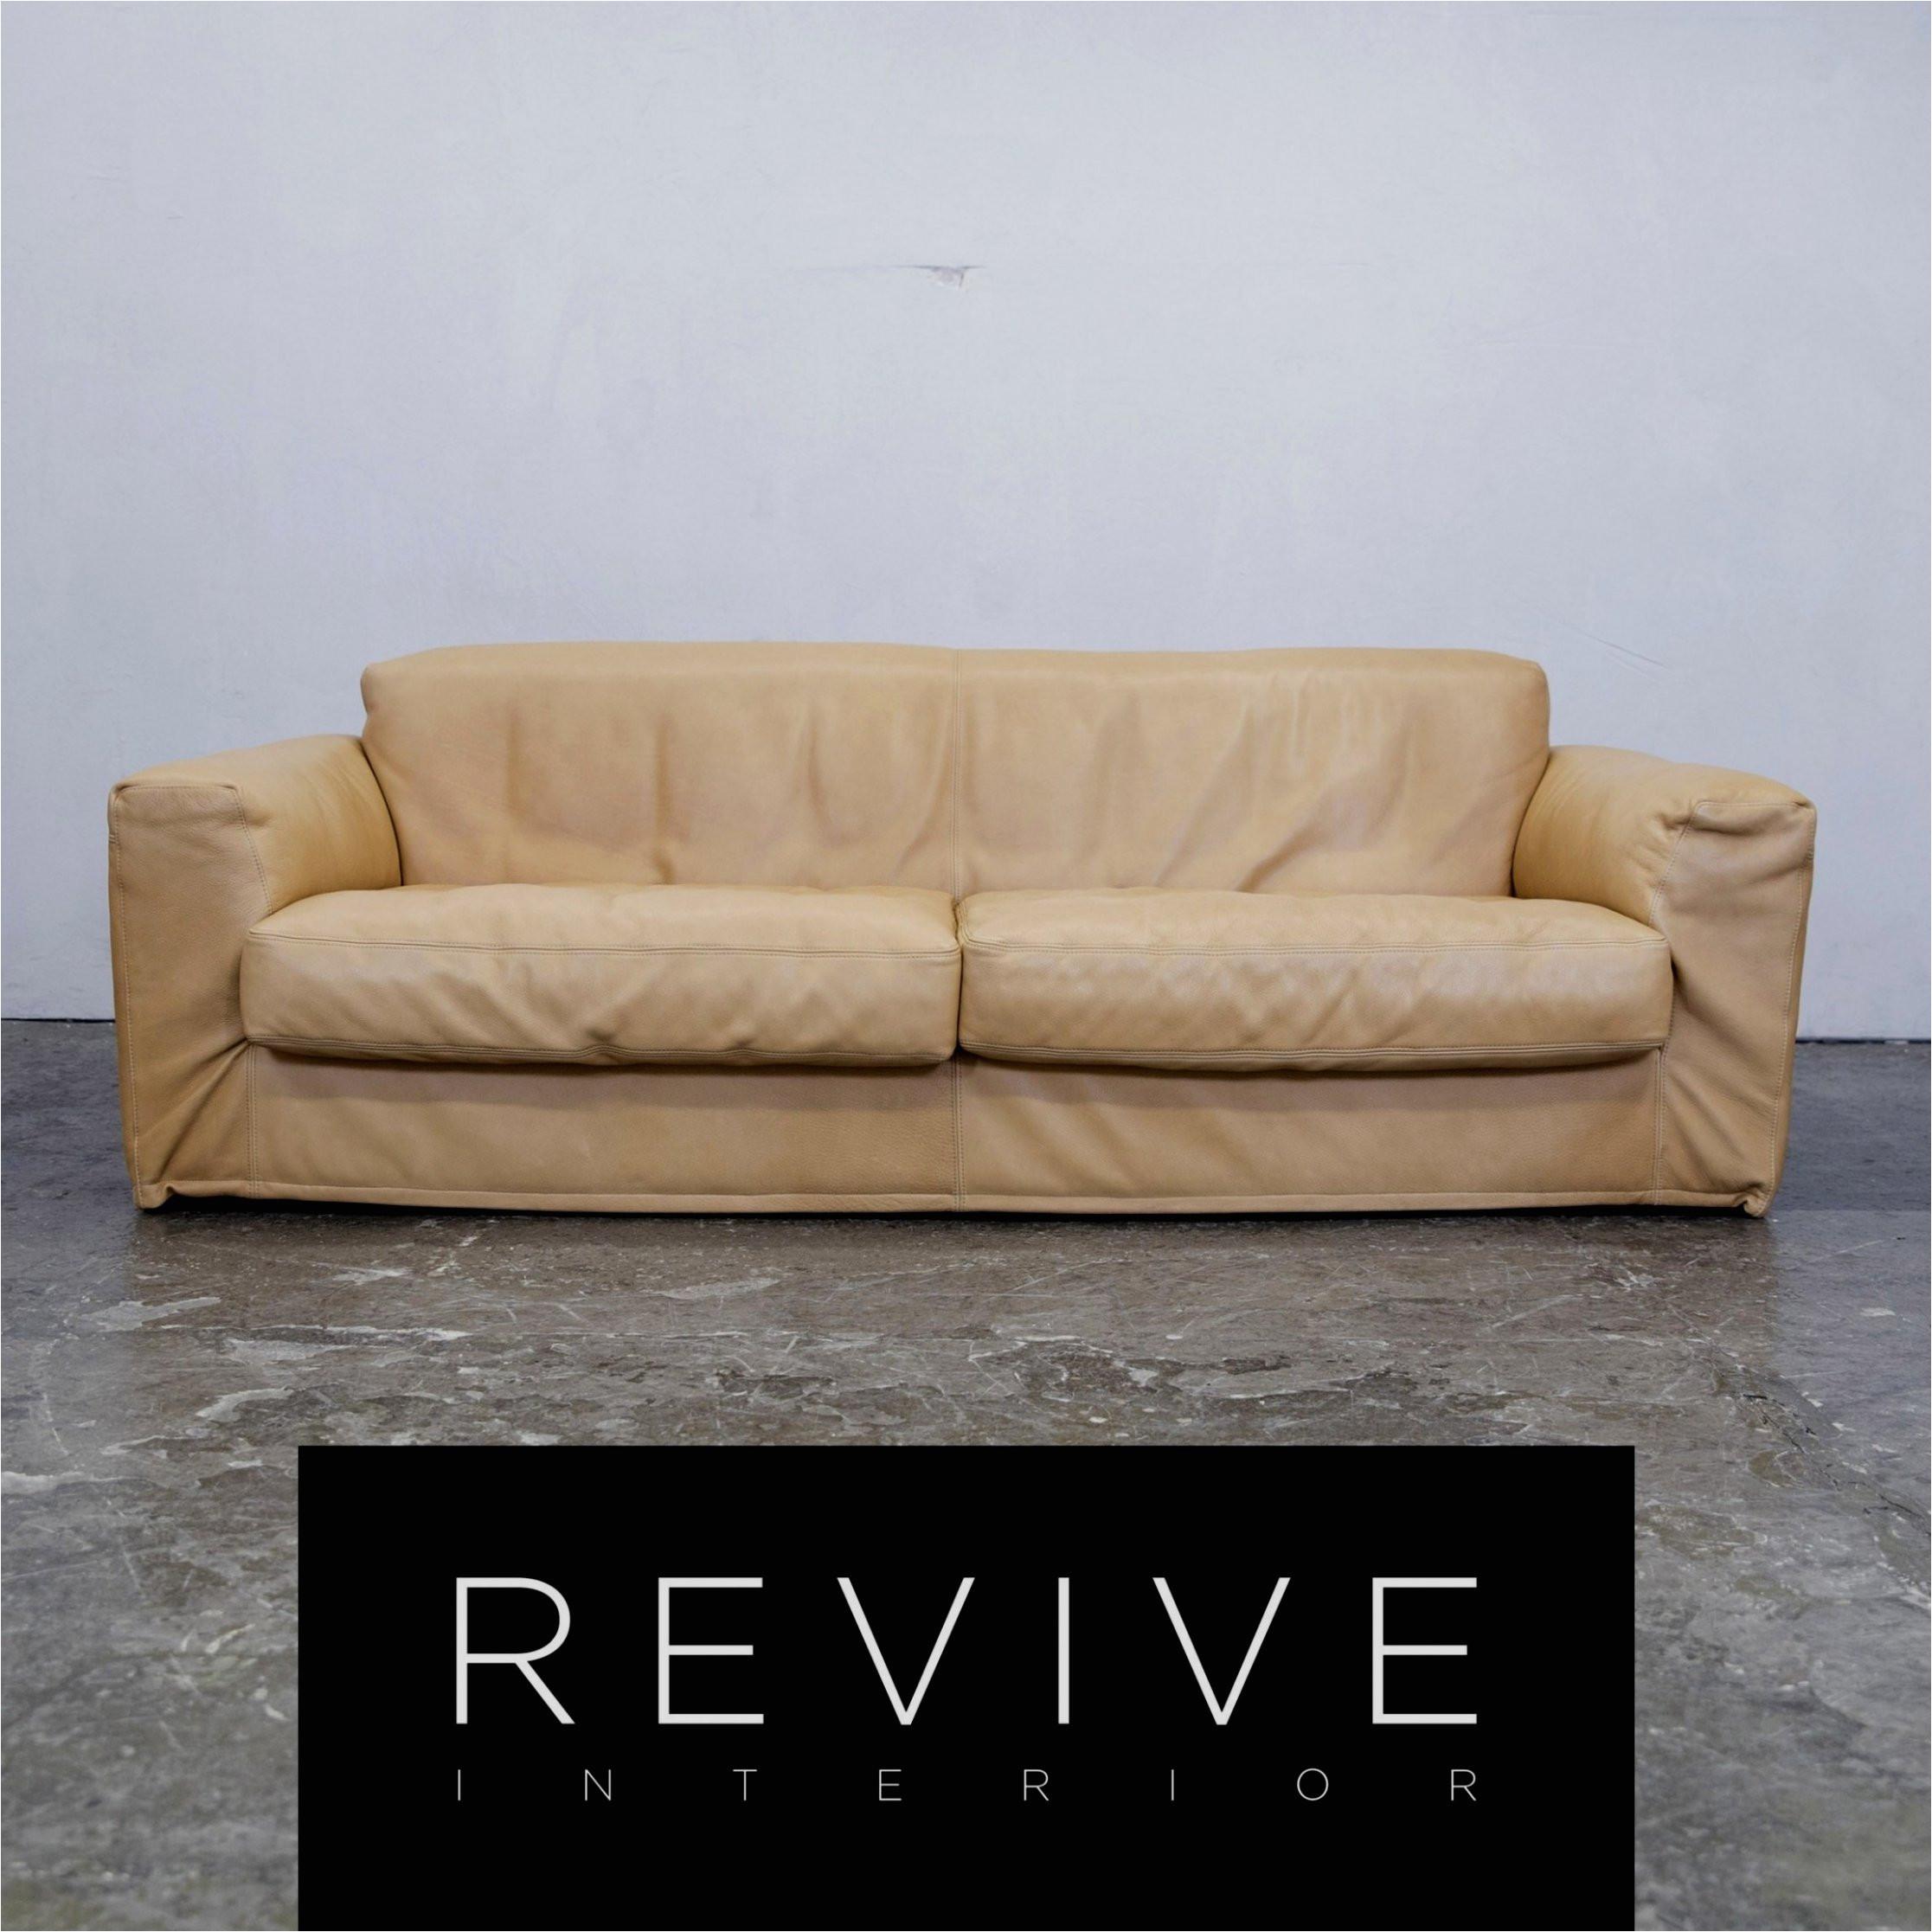 zweier sofa elegant zweier sofa ledersofa elegant mobel sofa 0d